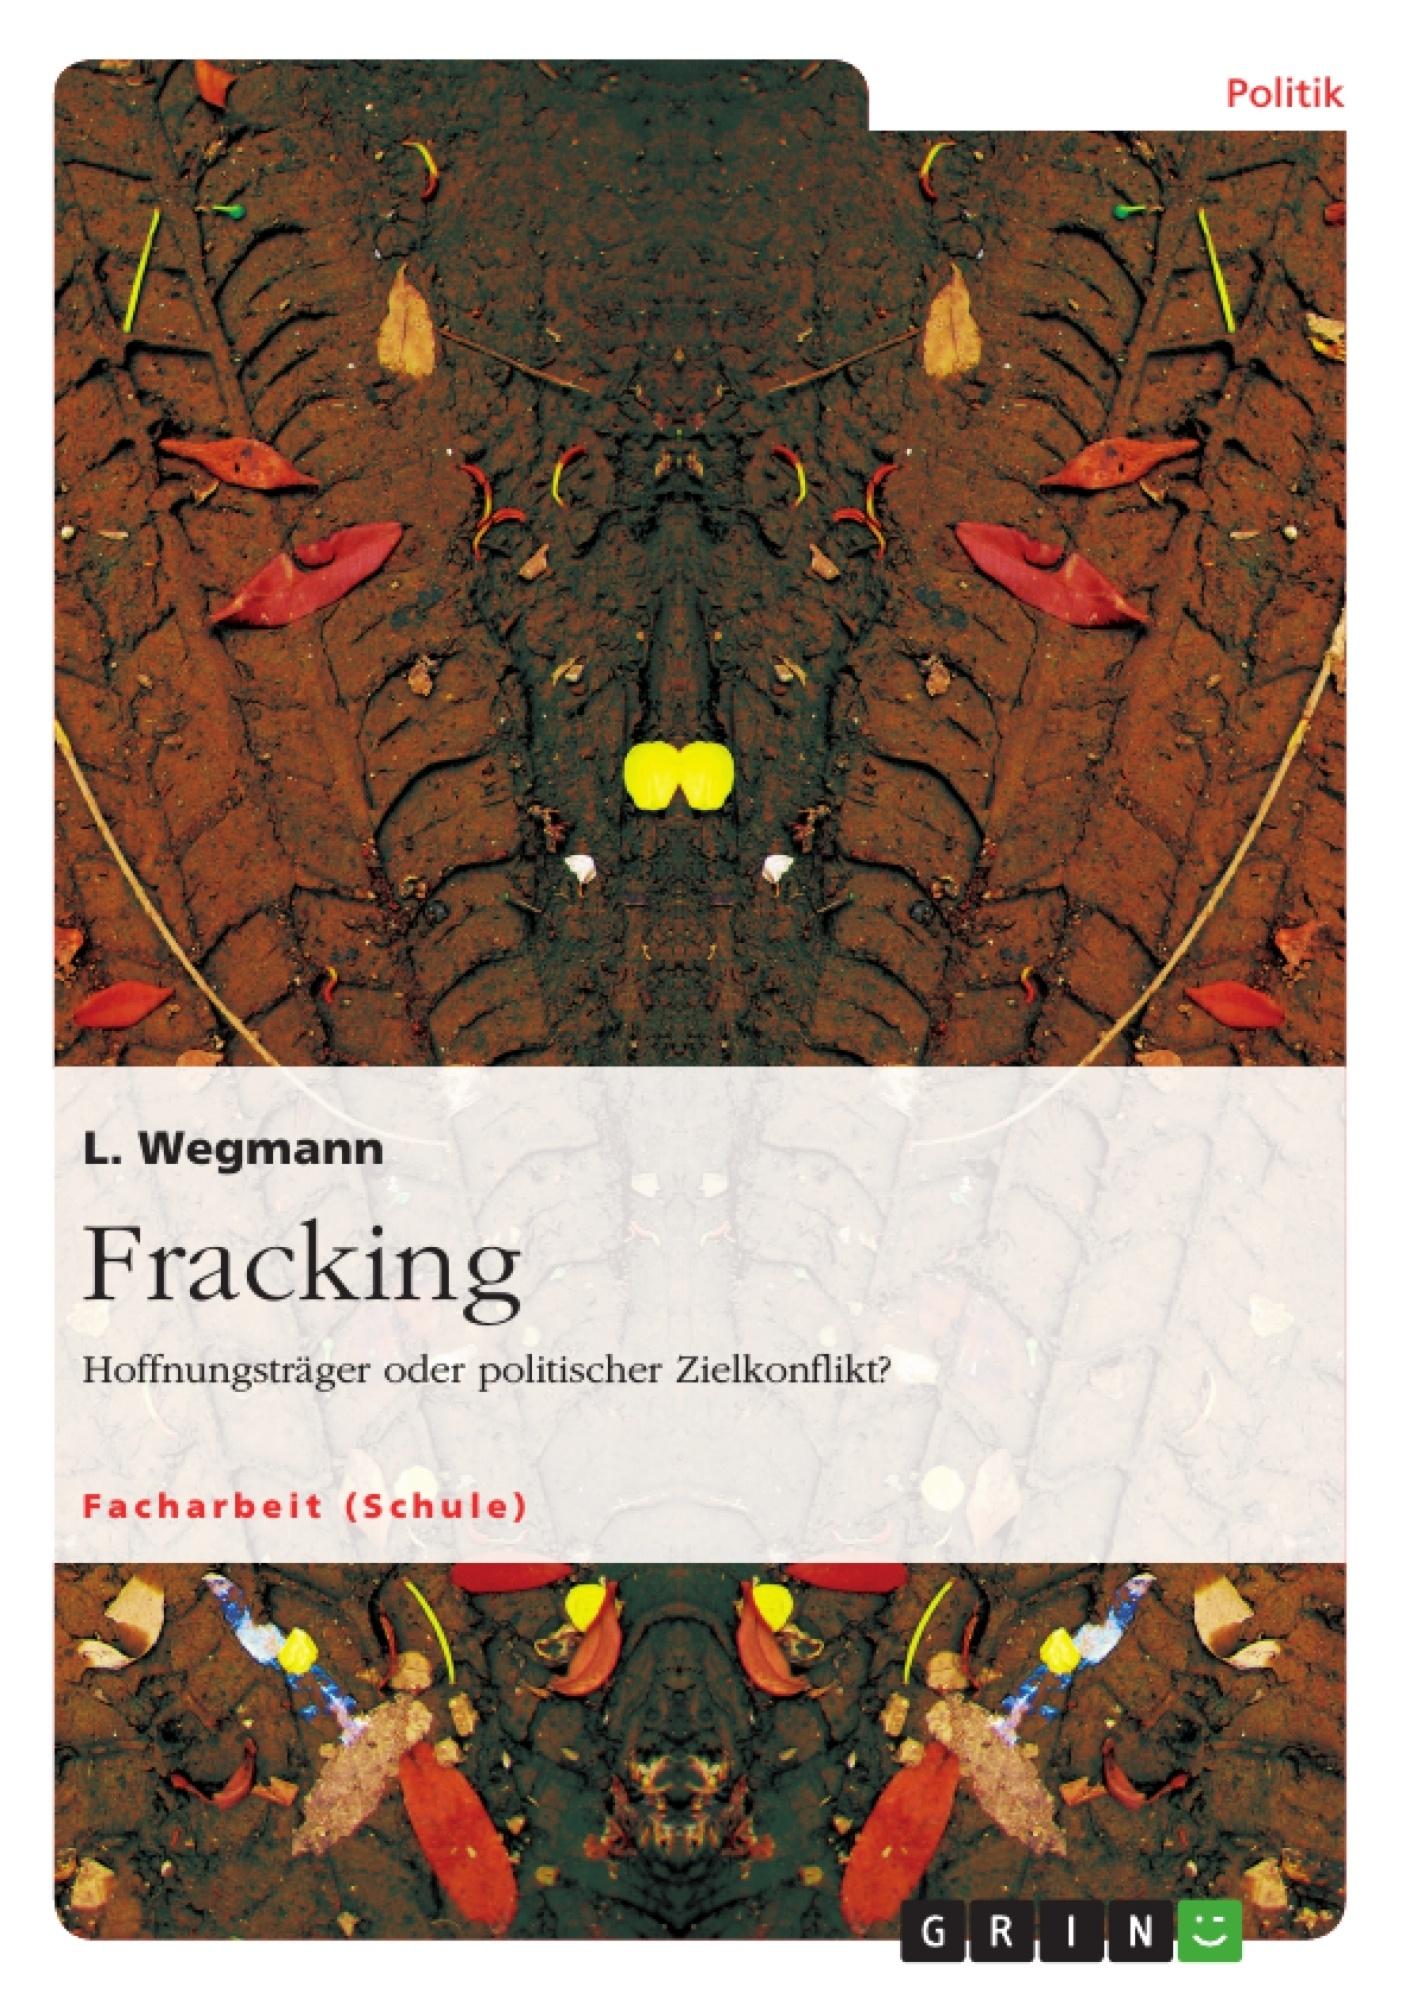 Titel: Fracking. Hoffnungsträger oder politischer Zielkonflikt?